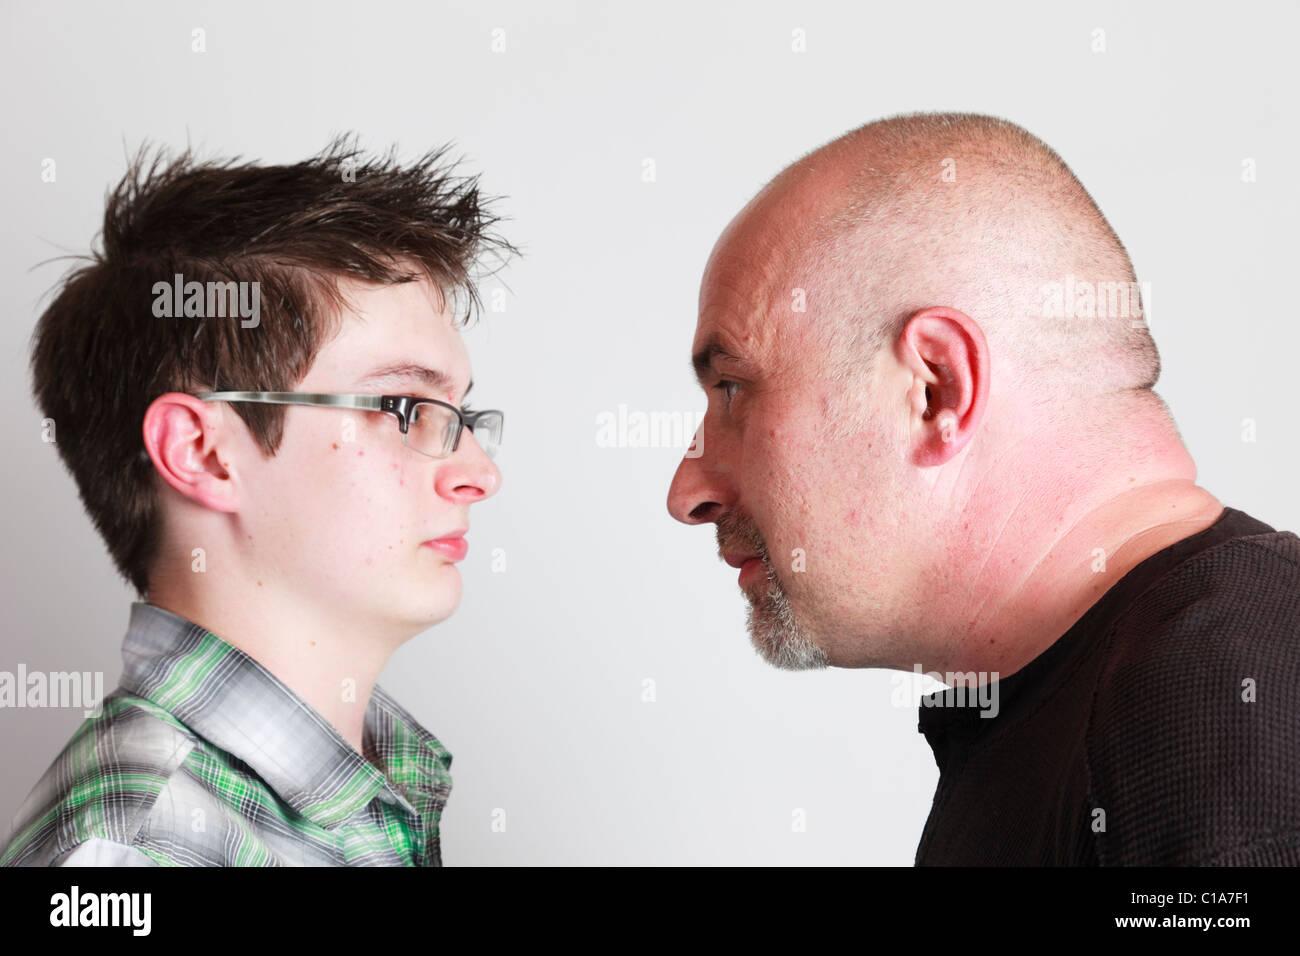 angry teenage son - photo #19